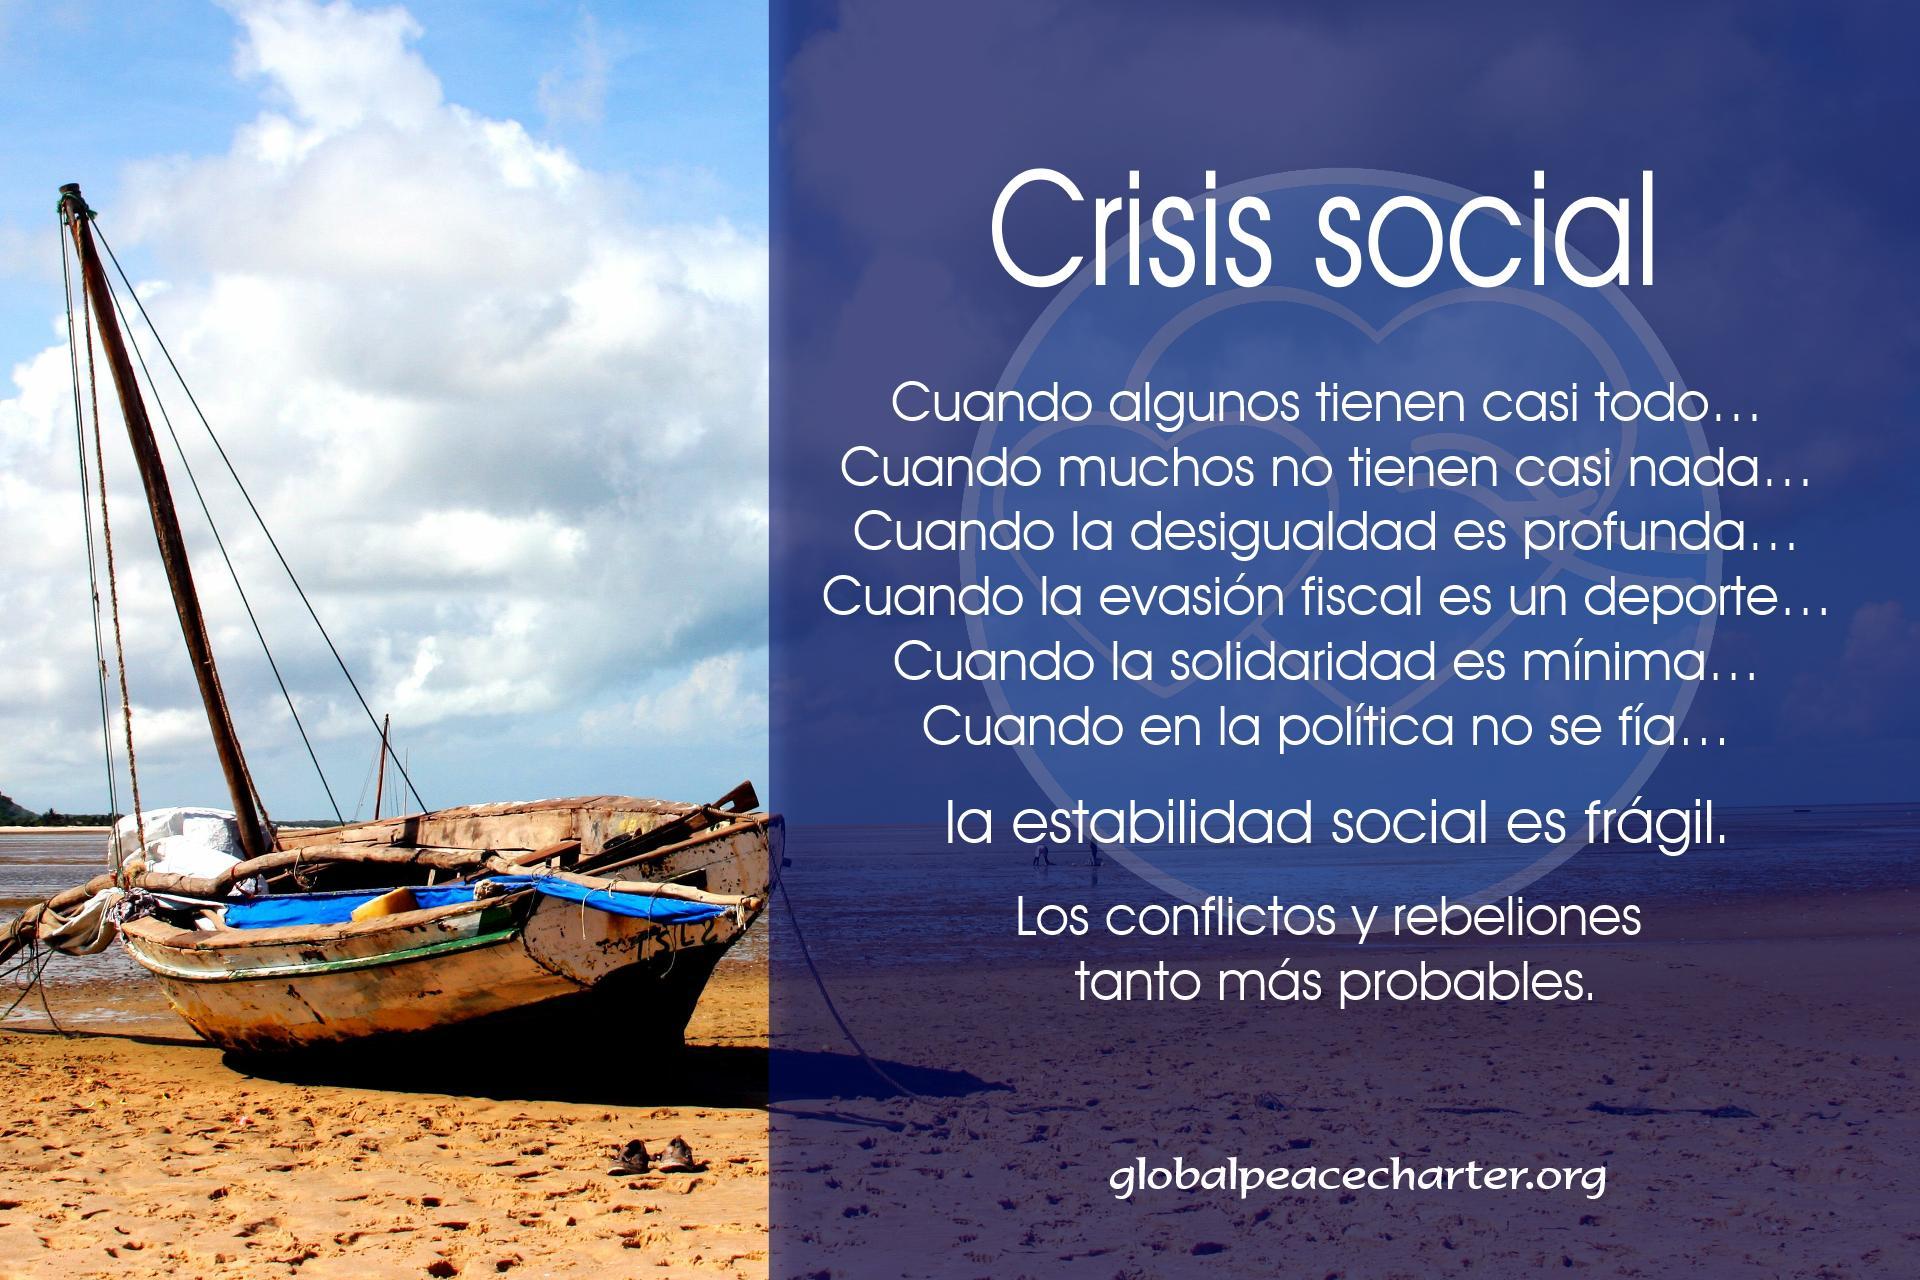 Crisis social